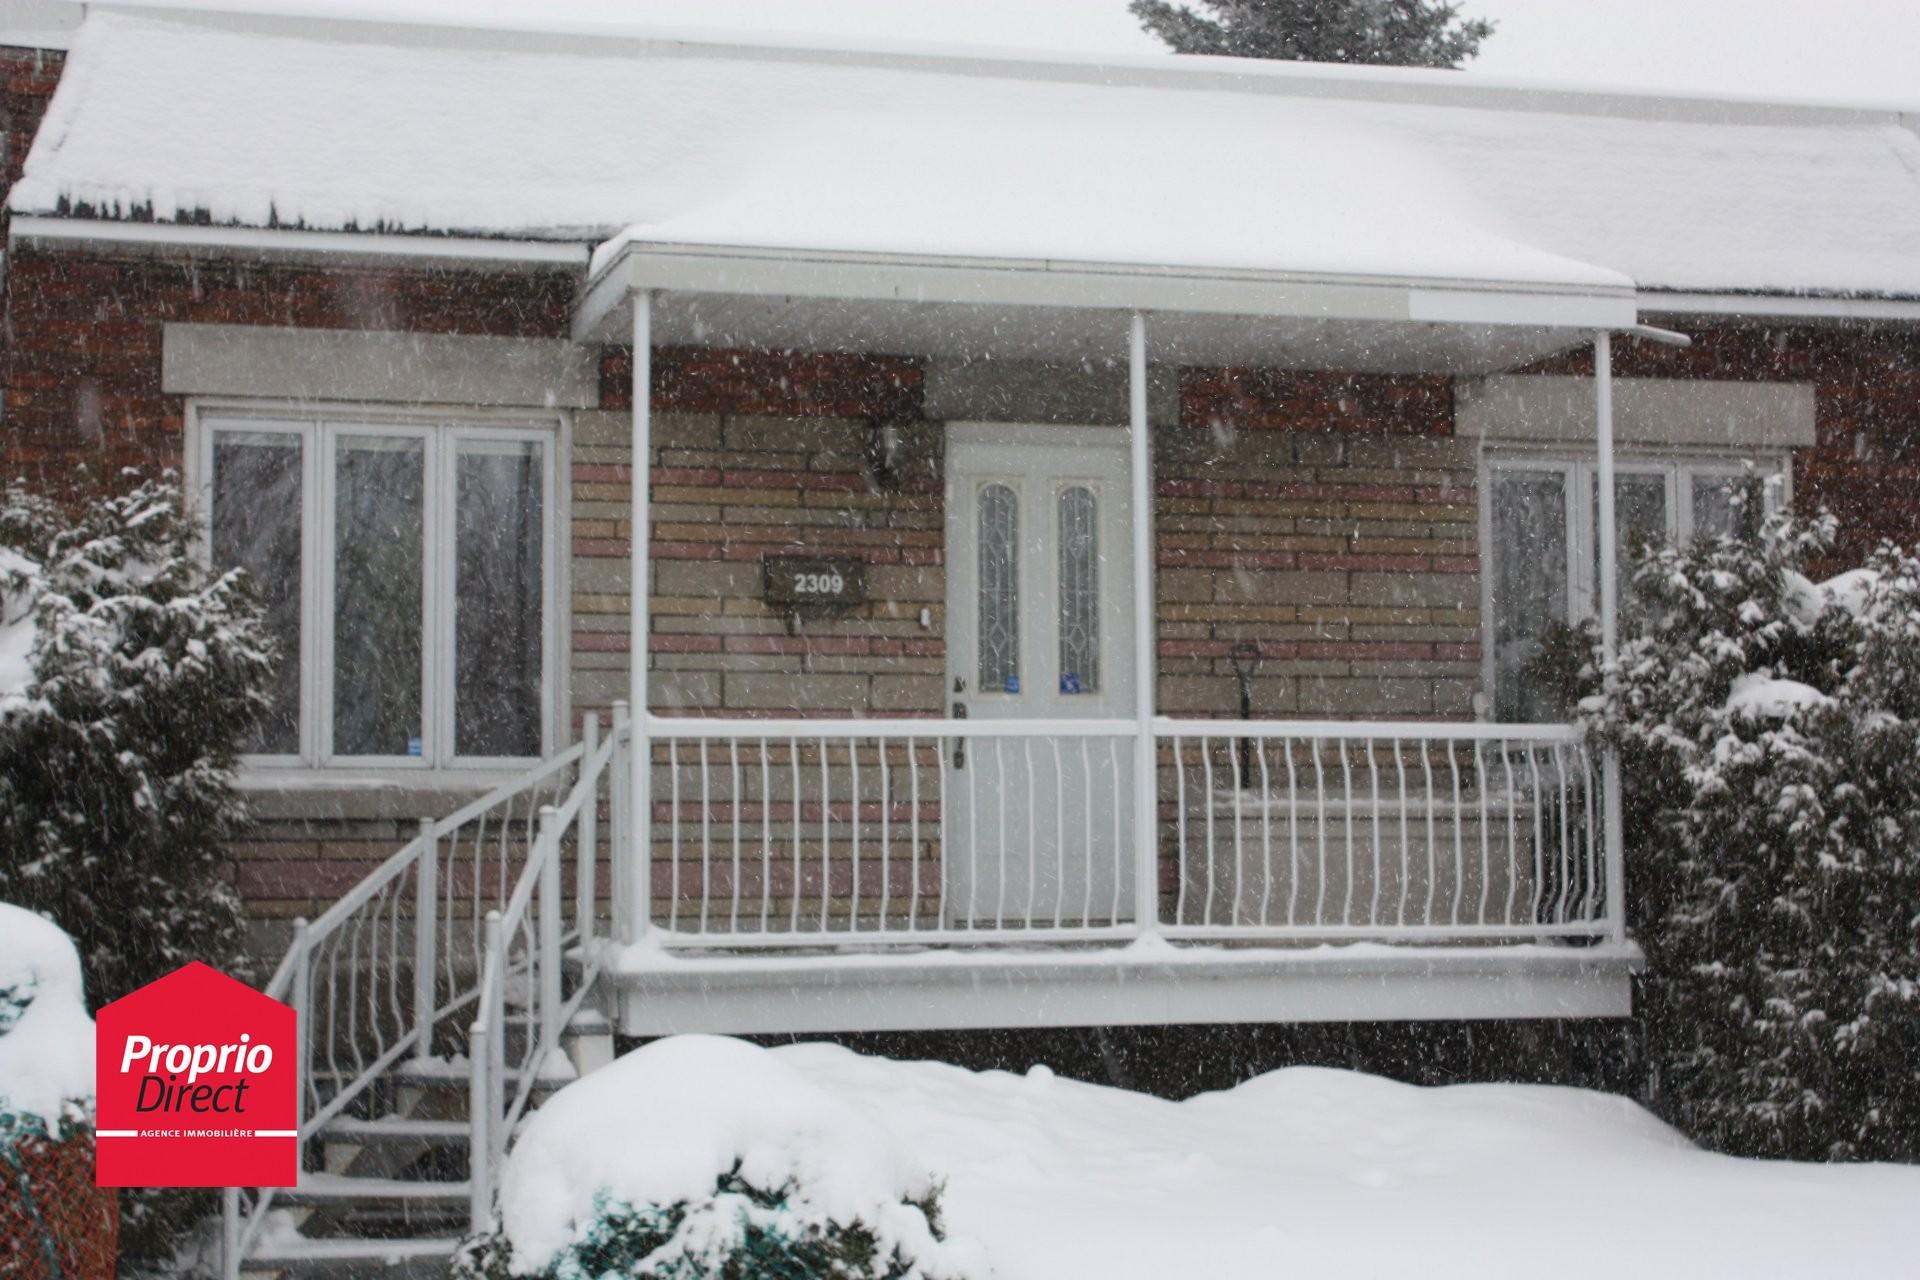 Maison de plain pied vendre 2309 rue monsabr mercier for Acheter un maison a montreal